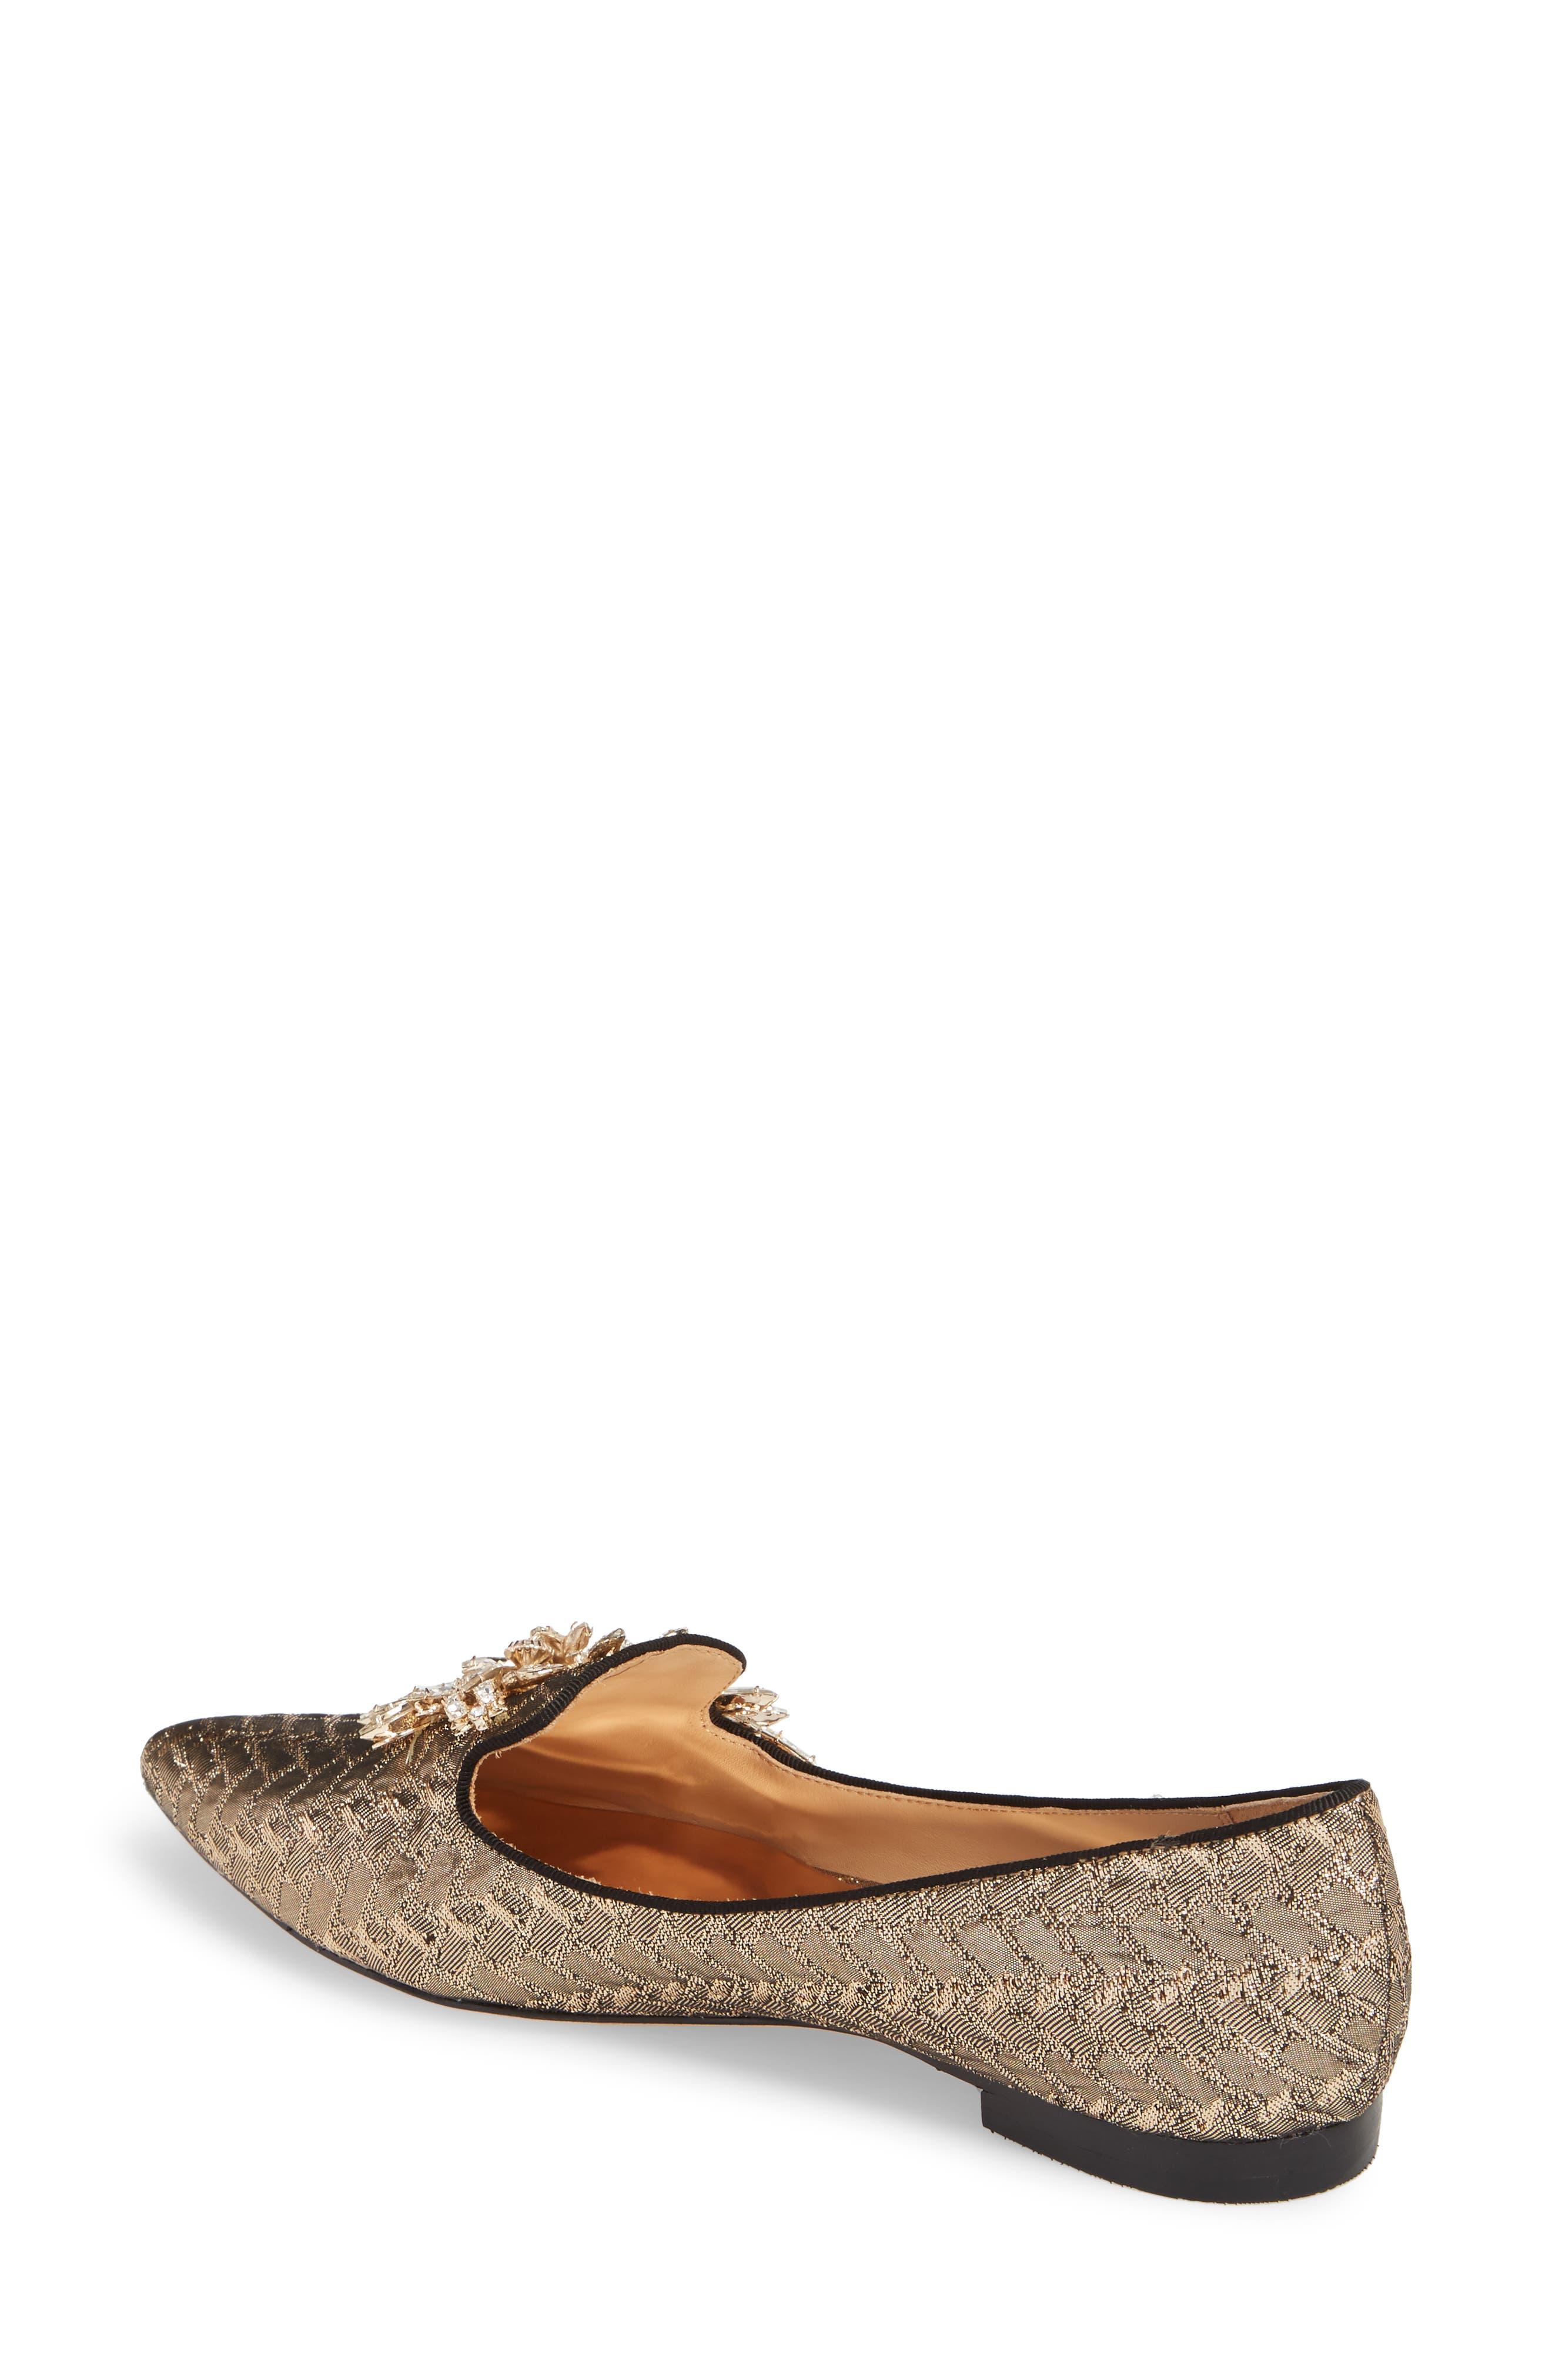 Mandy Embellished Loafer Flat,                             Alternate thumbnail 4, color,